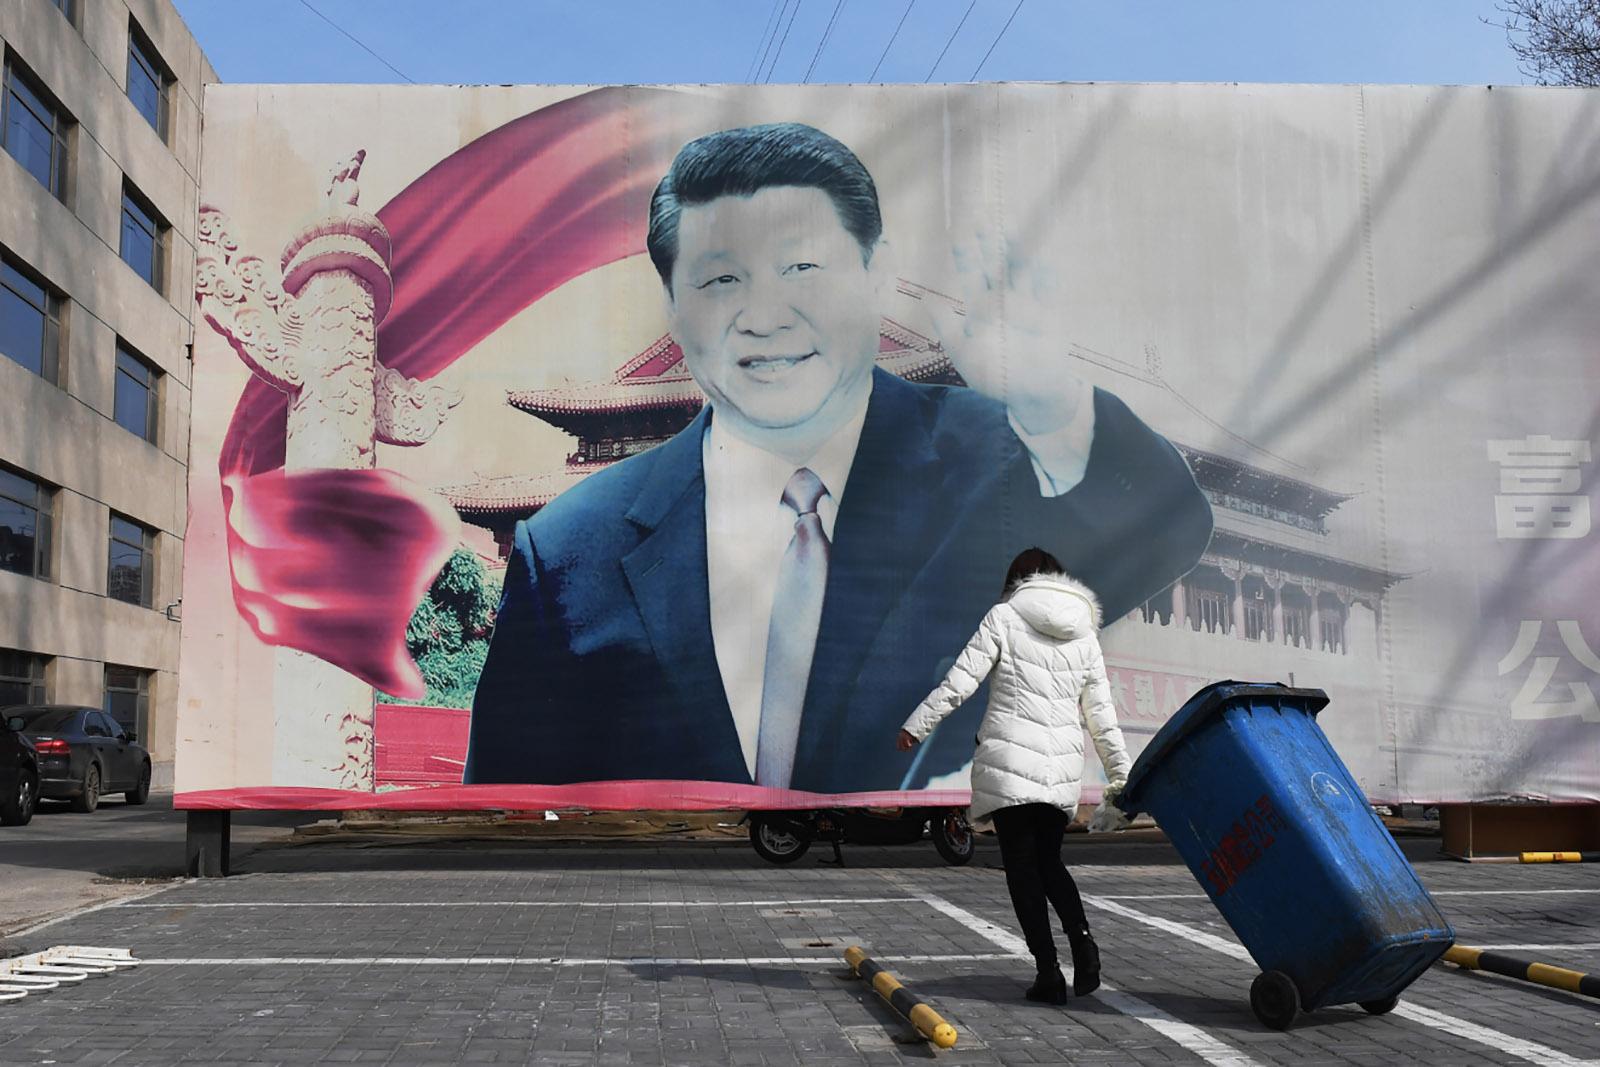 A propaganda poster of President Xi Jinping, Beijing